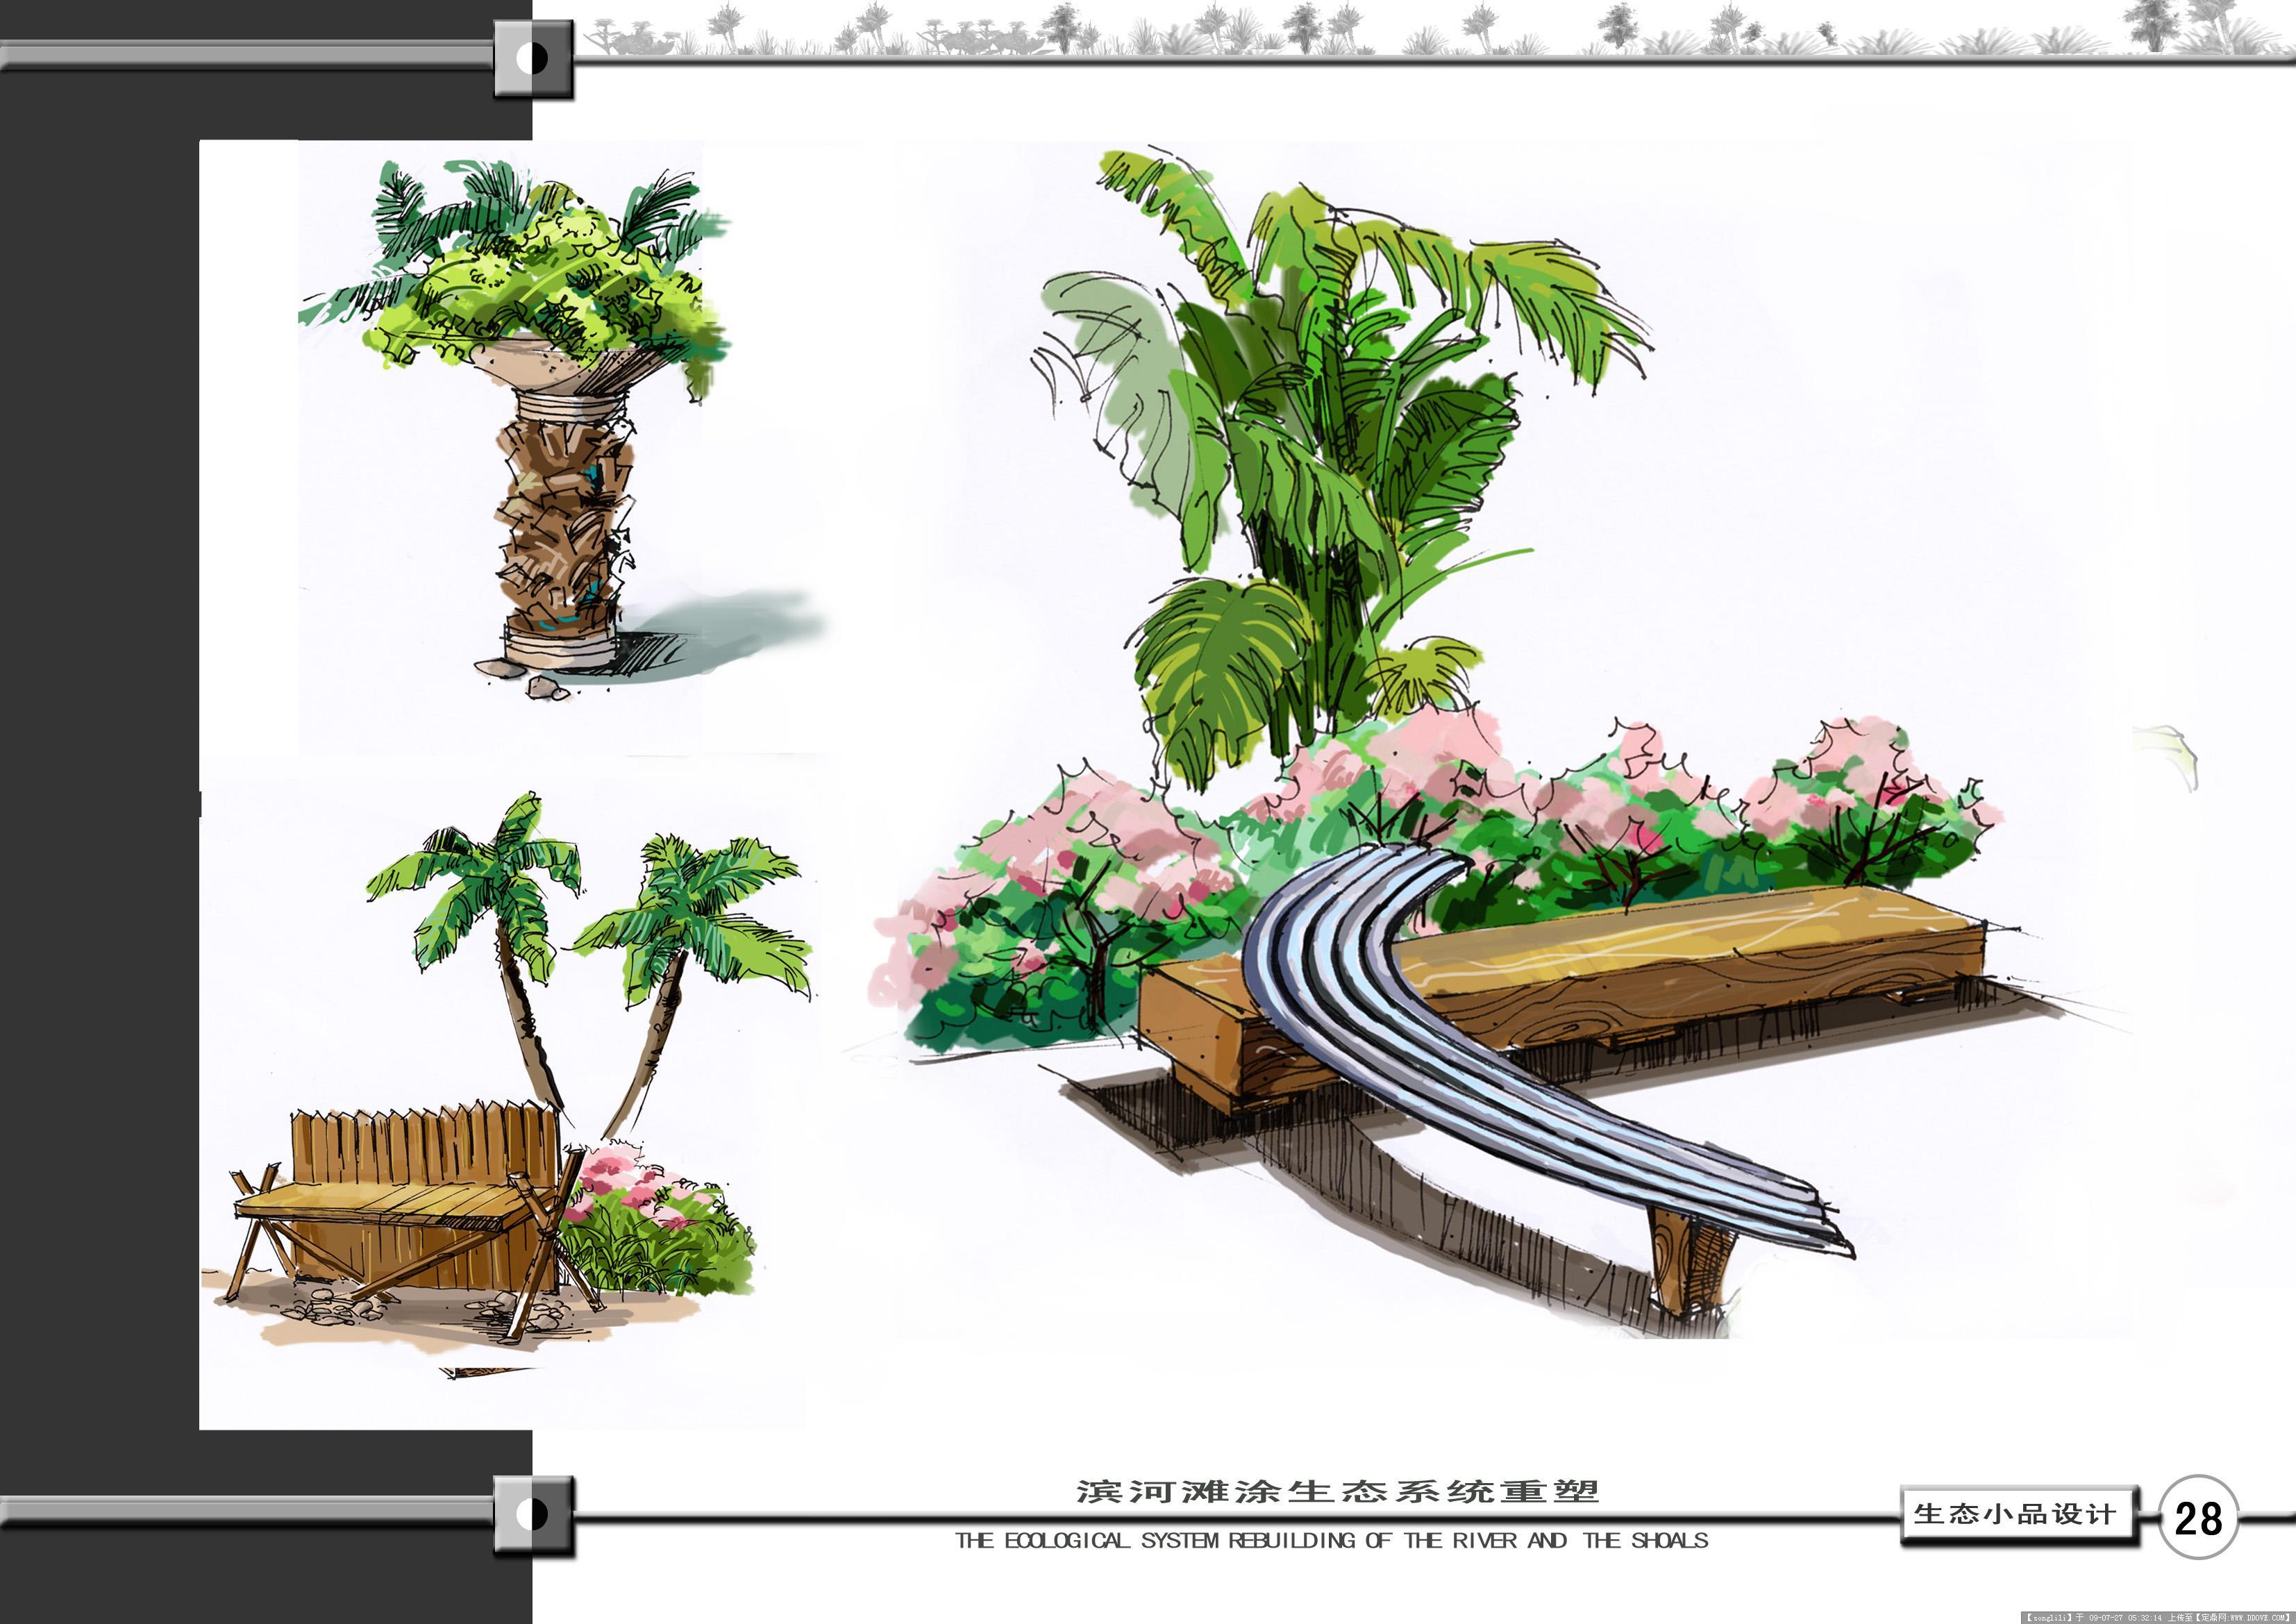 手绘公园景观小品效果图欣赏的图片浏览,园林项